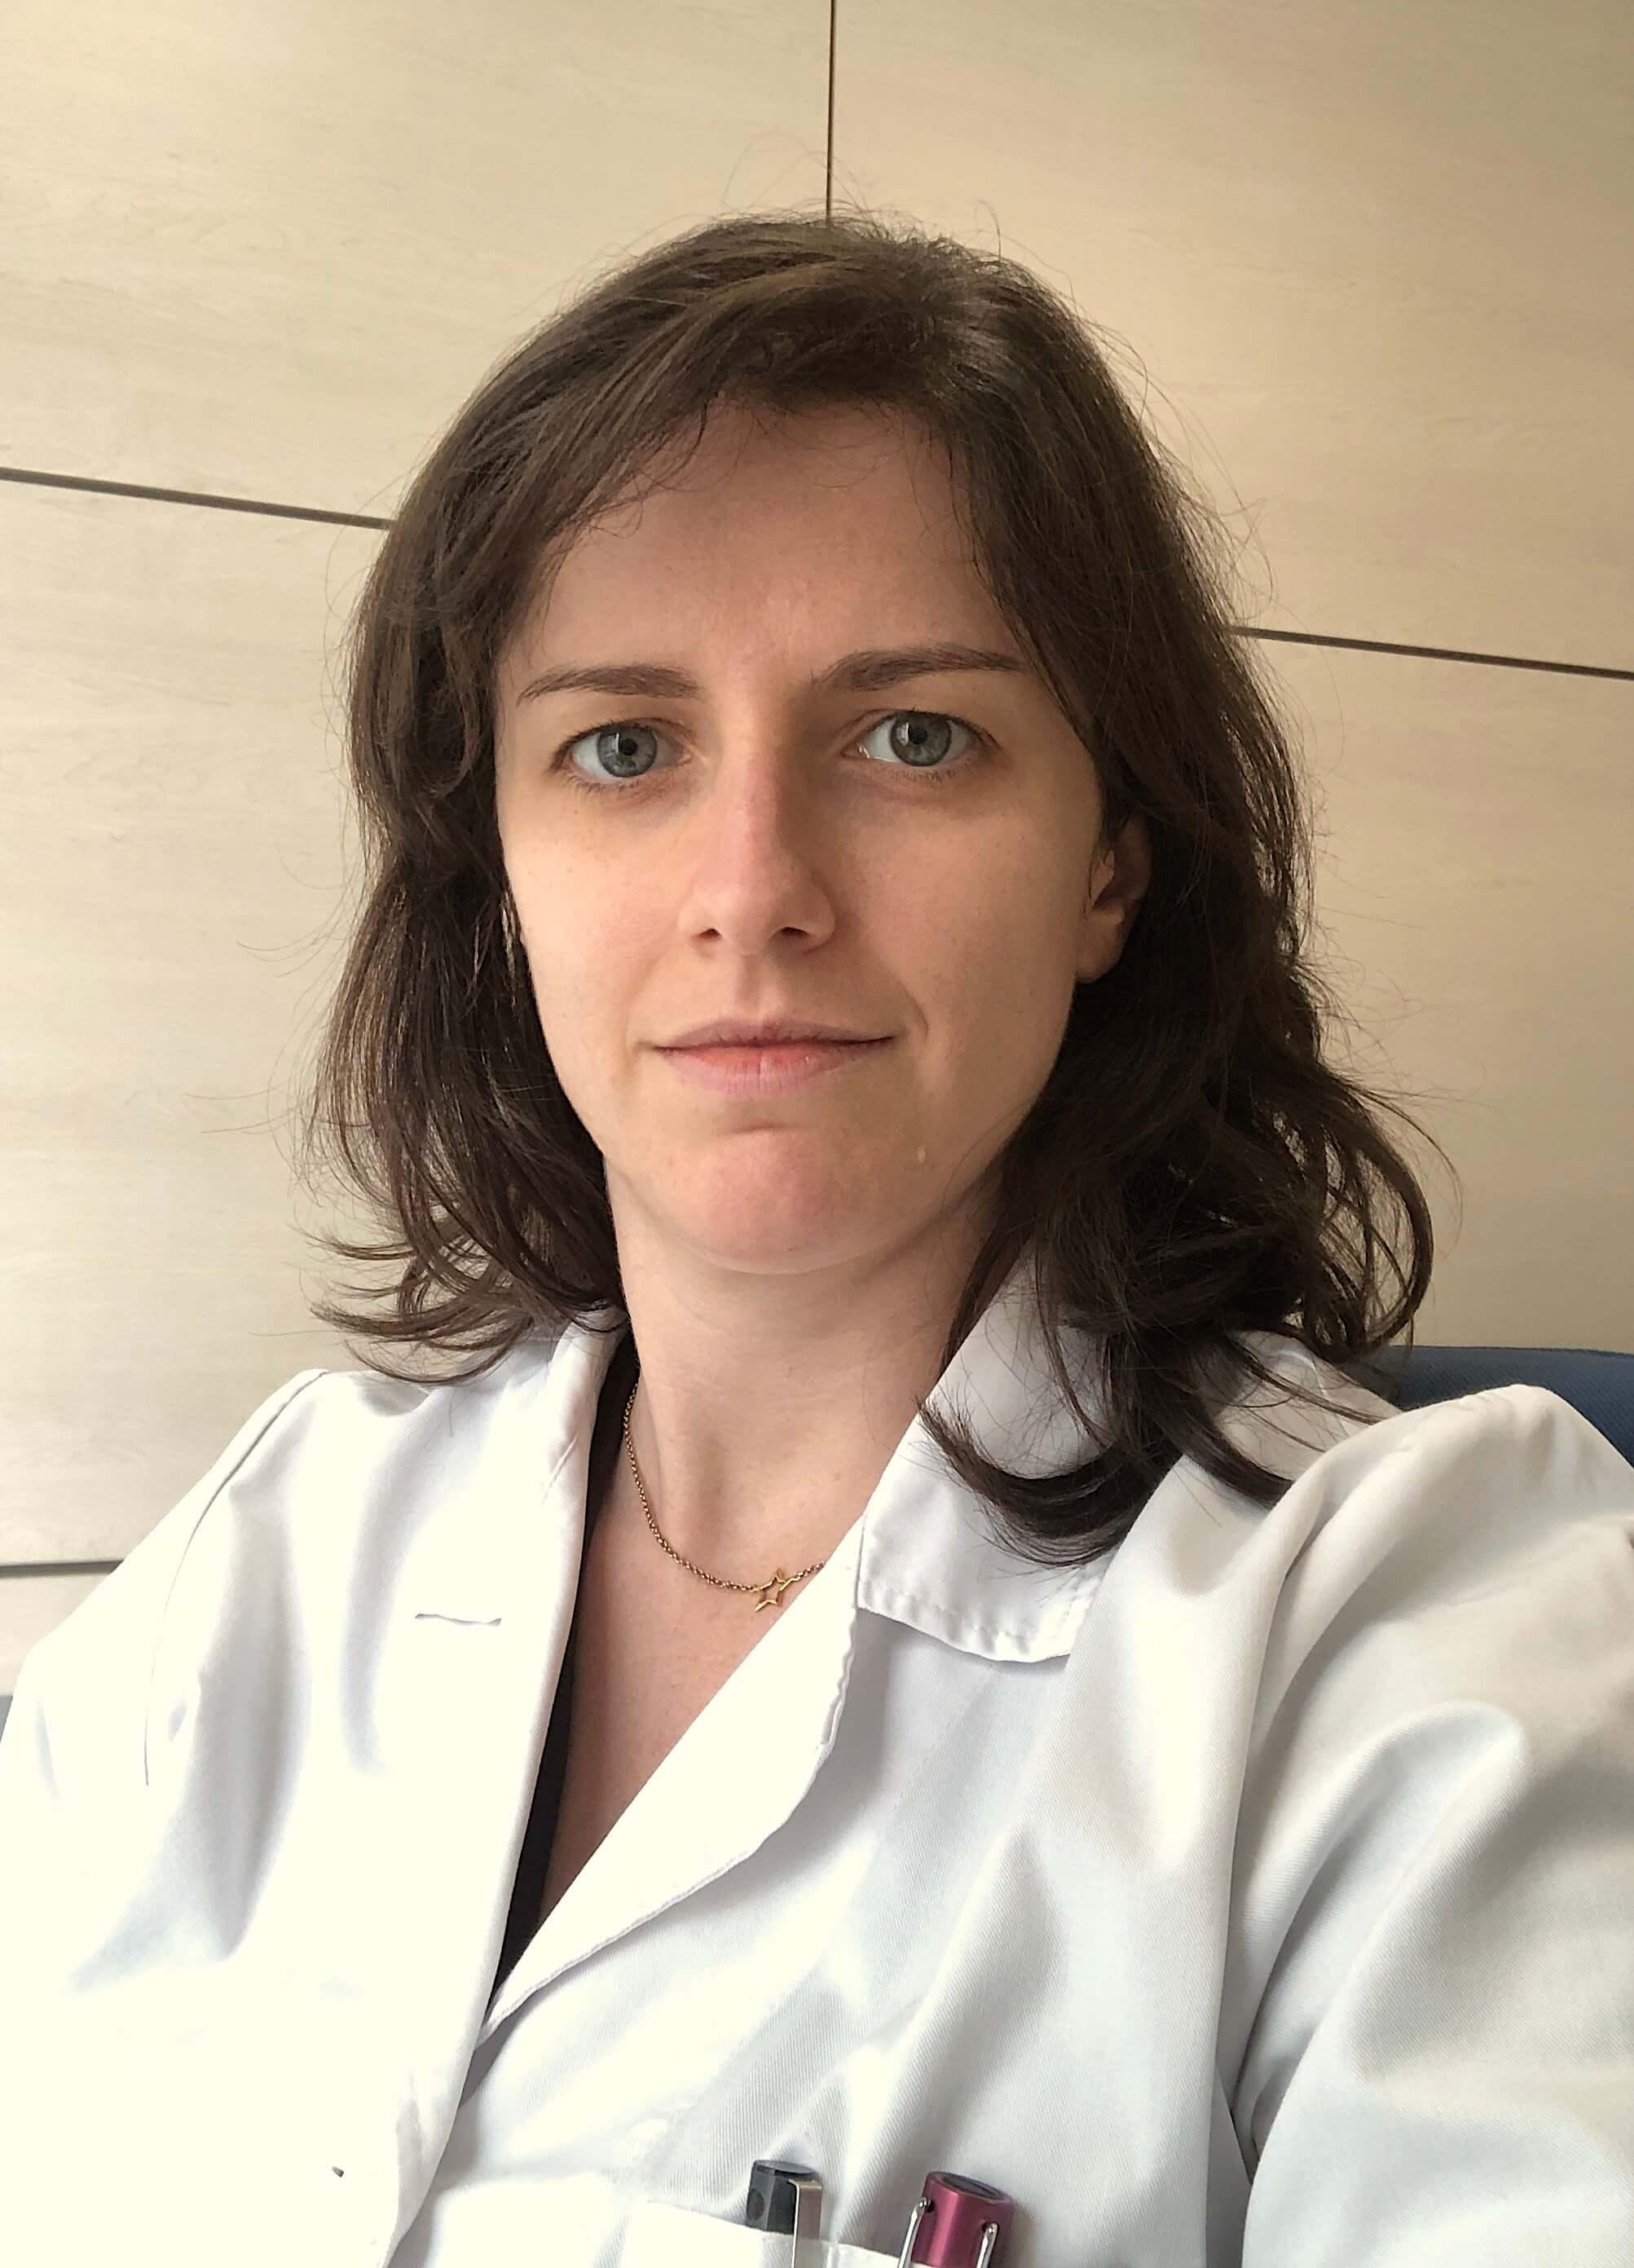 Doctora Cristina Murillo, especialista en Cirugía Plástica